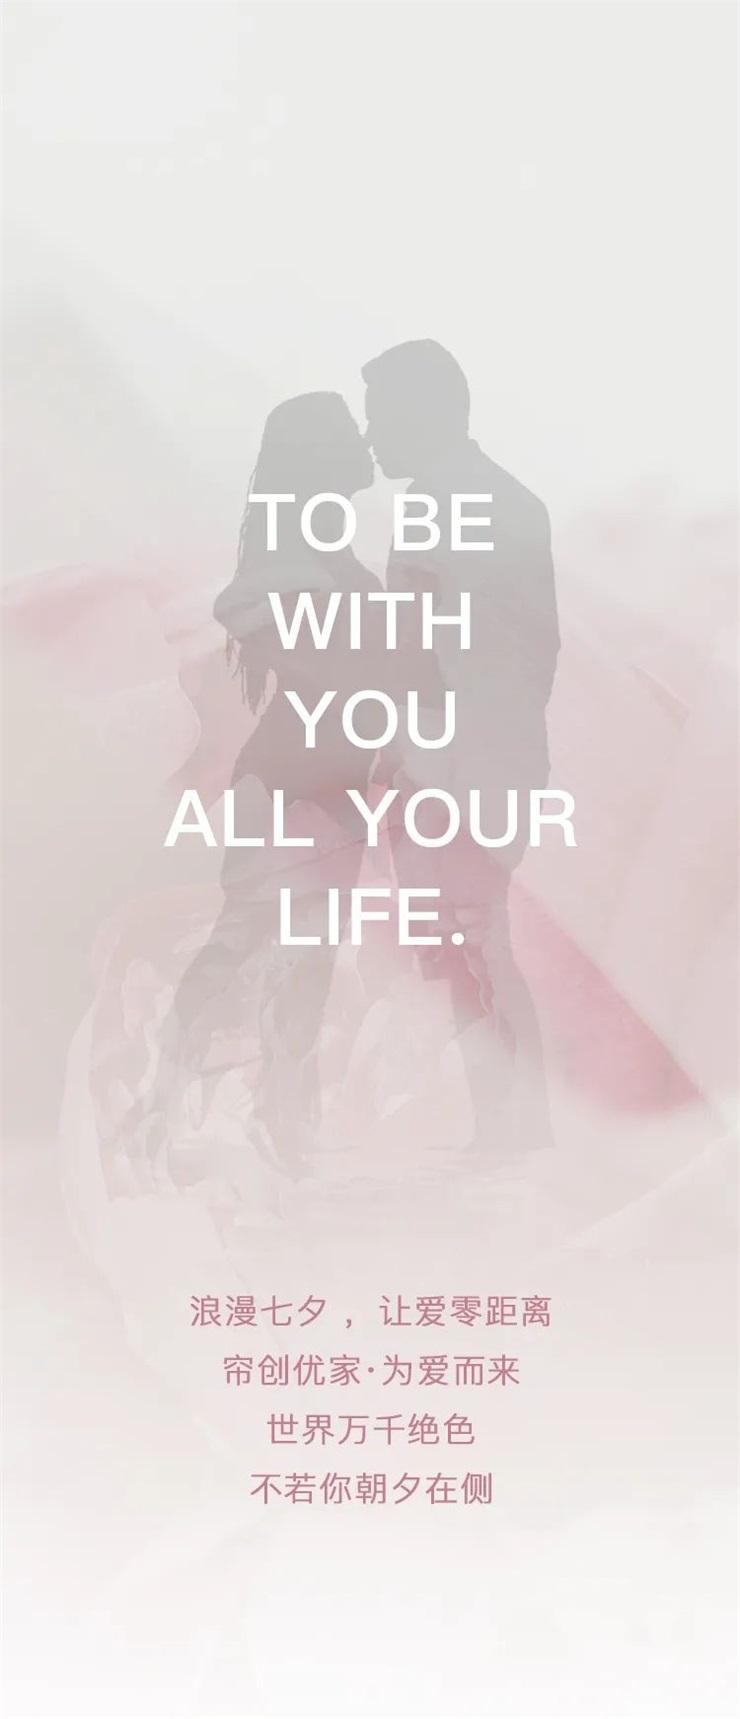 帘创优家丨爱的银河系,让浪漫七夕在生活的每一天